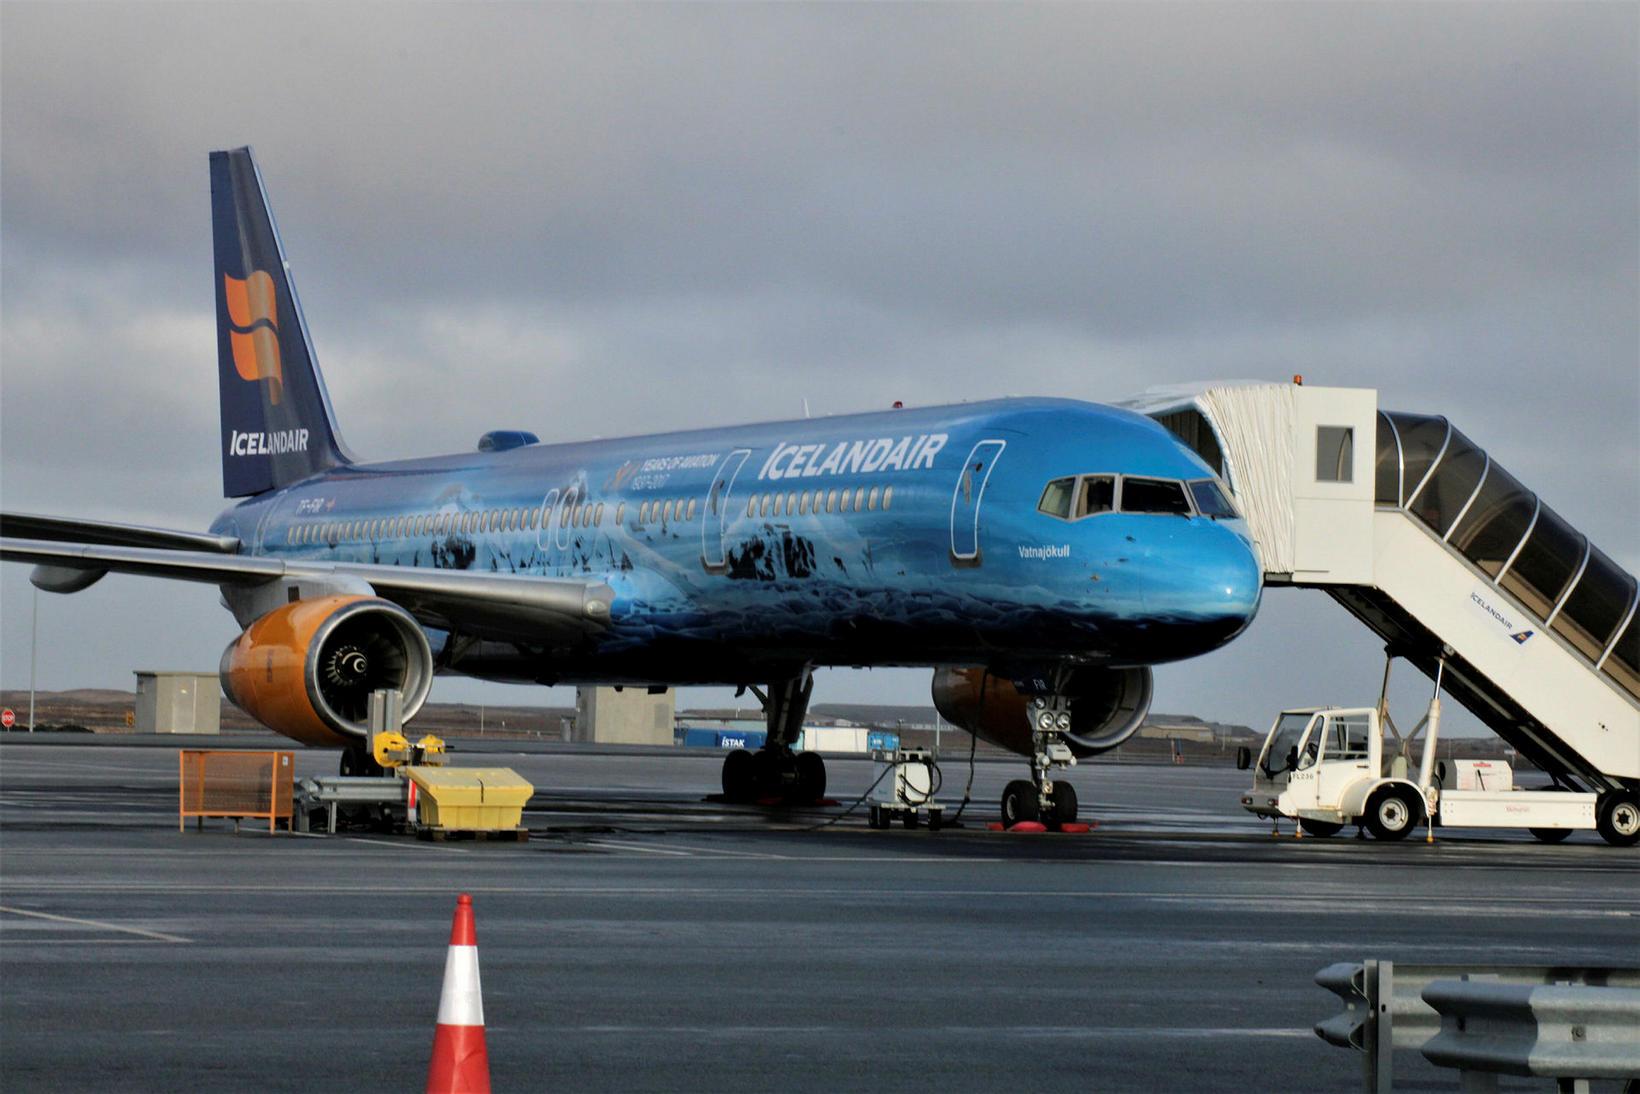 Flugvél Icelandair á Keflavíkurflugvelli.